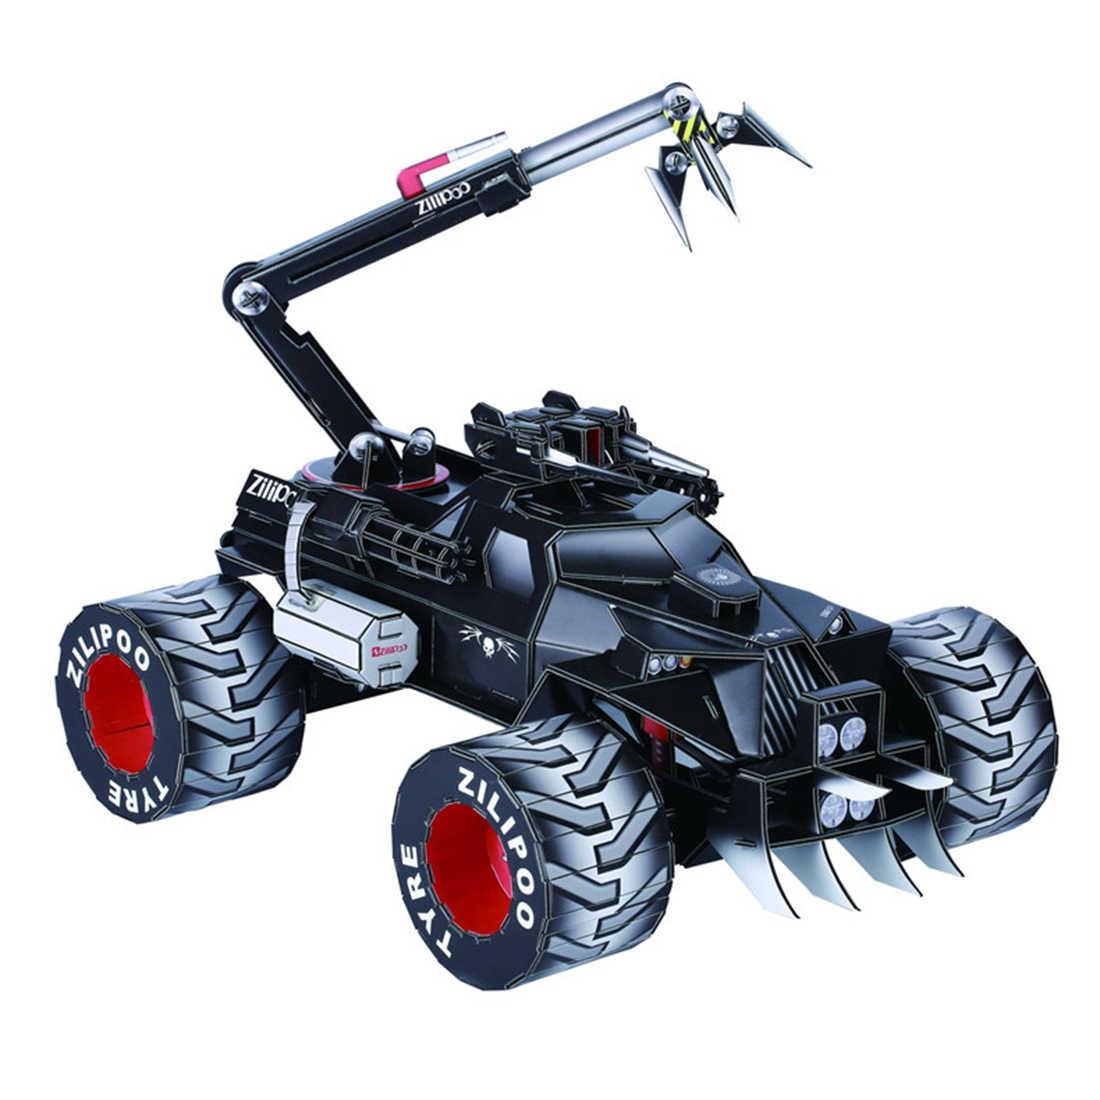 Surwish Новое поступление, игрушка для мальчиков, серия фантастика, спасательная машина, 3D Сборка, головоломка, обучающая игрушка для детей, игровой комплект